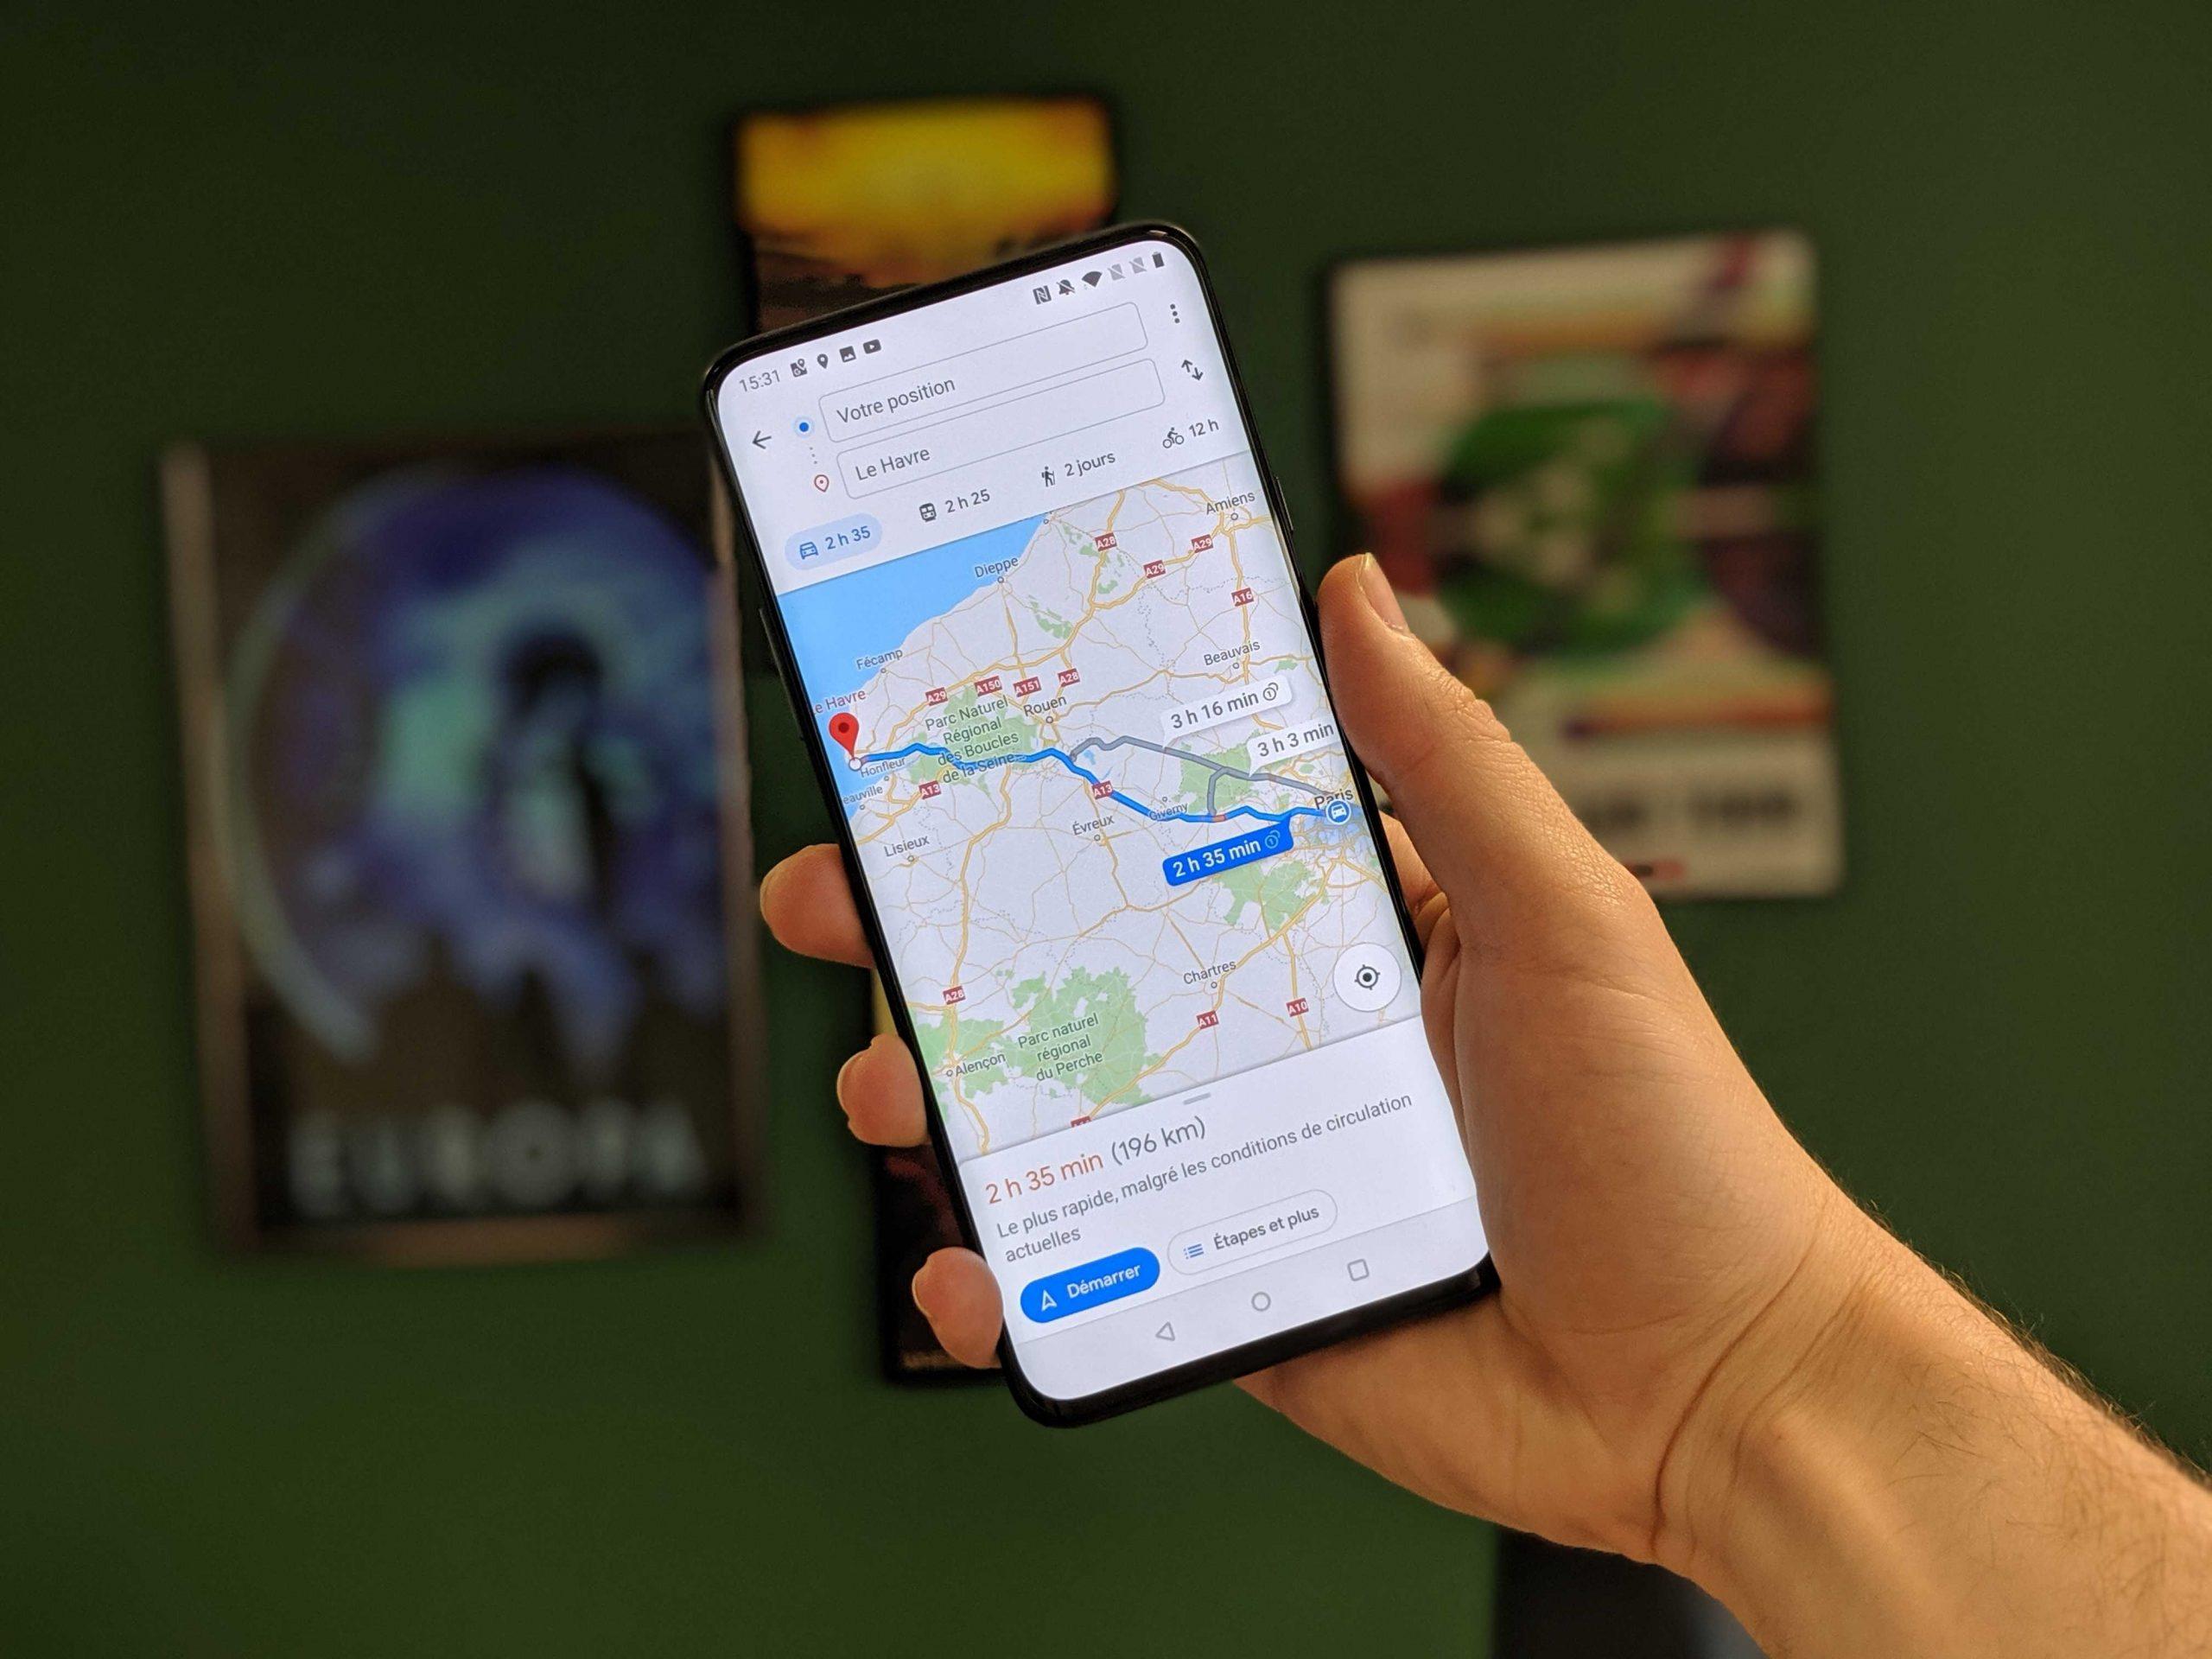 Les Meilleurs Gps Sans Connexion Internet Sur Android à Jeux Gratuit Sur Tablette Sans Telechargement